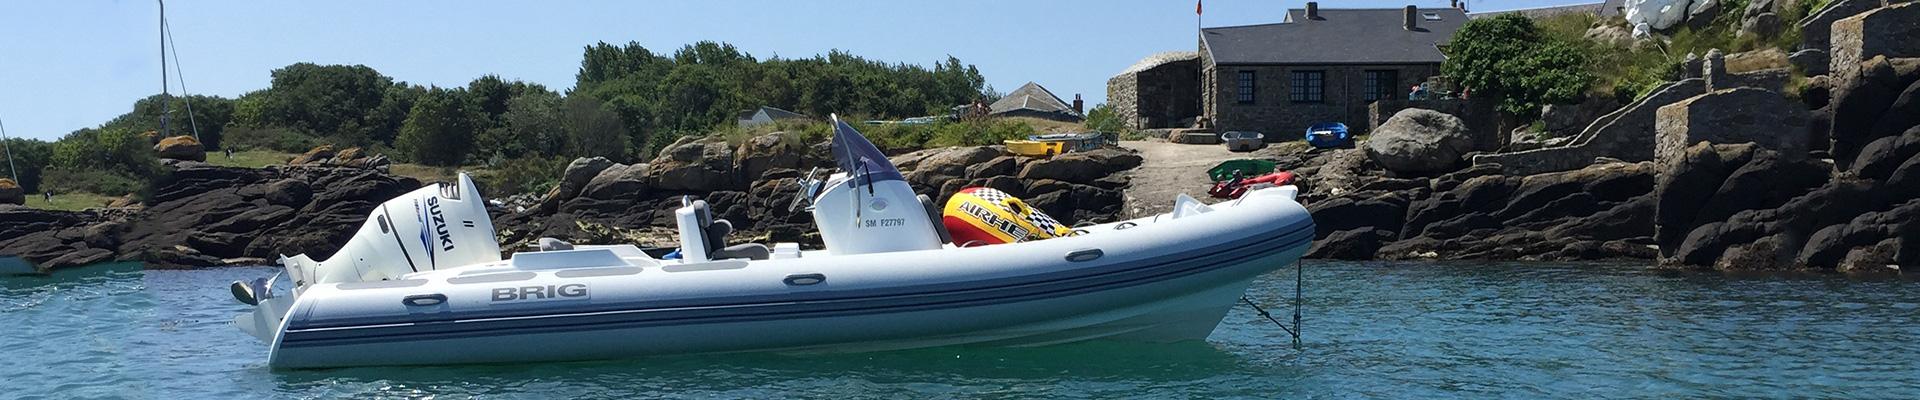 atelier suzuki marine, entretien moteur de bateau à Saint-Malo